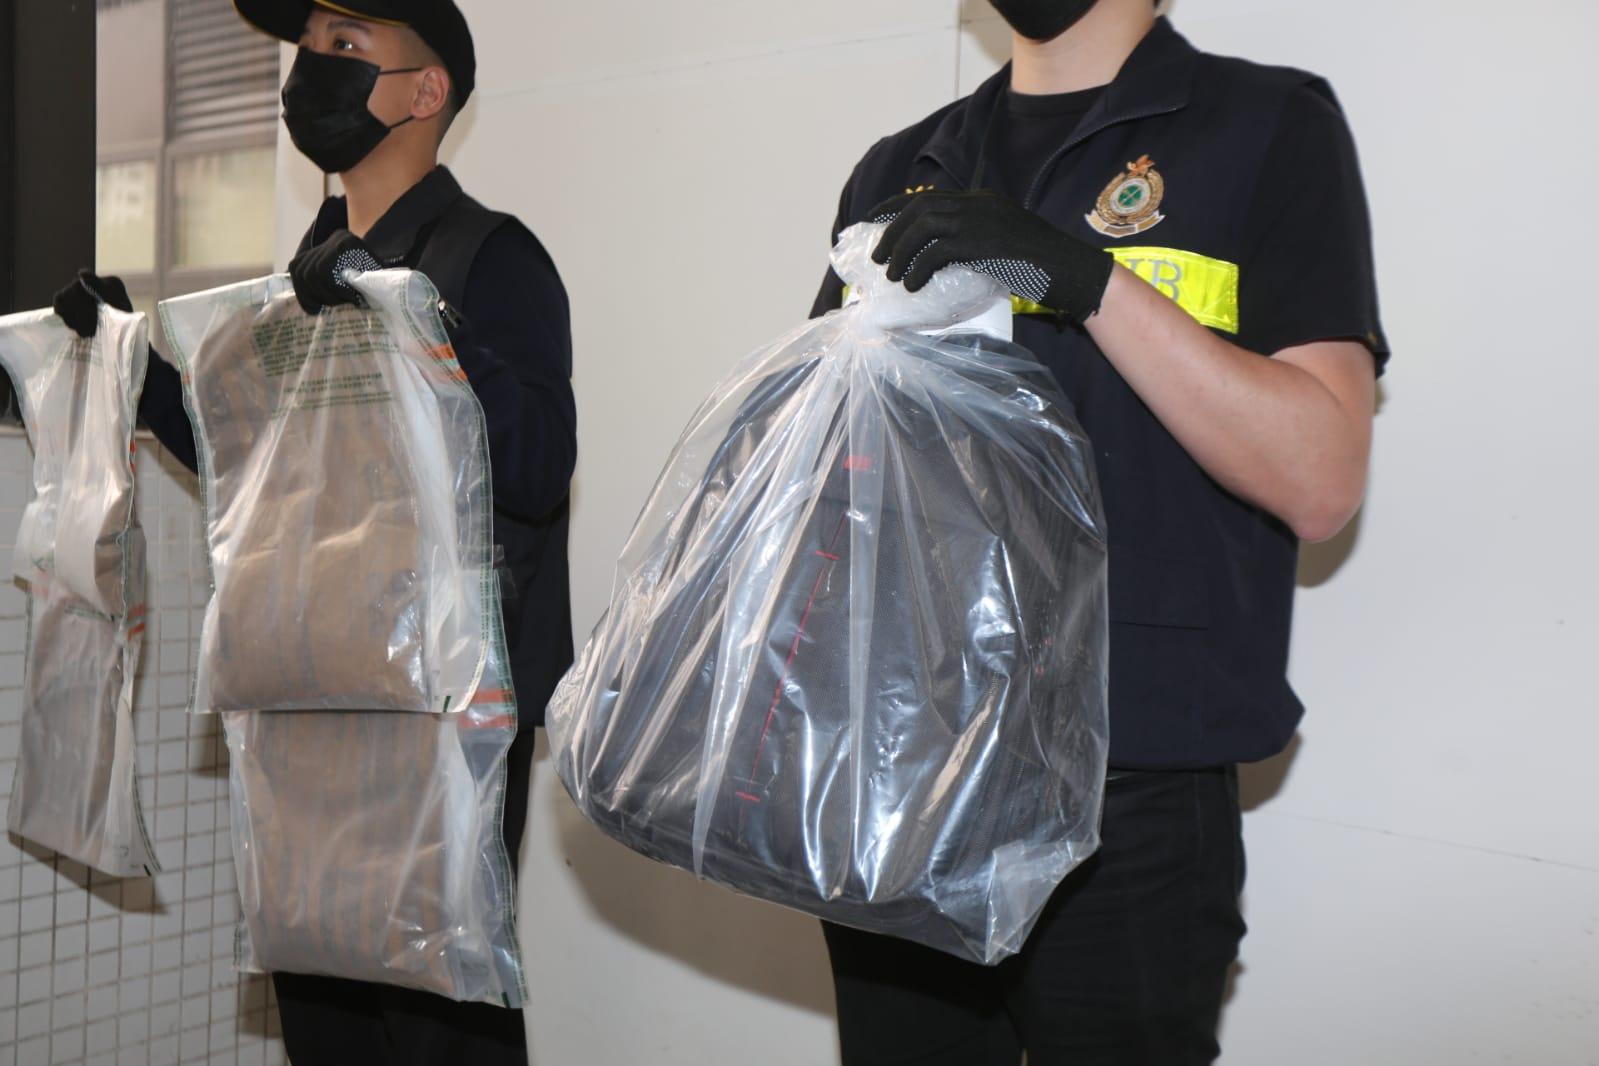 海关机场检310万元可卡因 28岁吉隆坡男旅客被捕